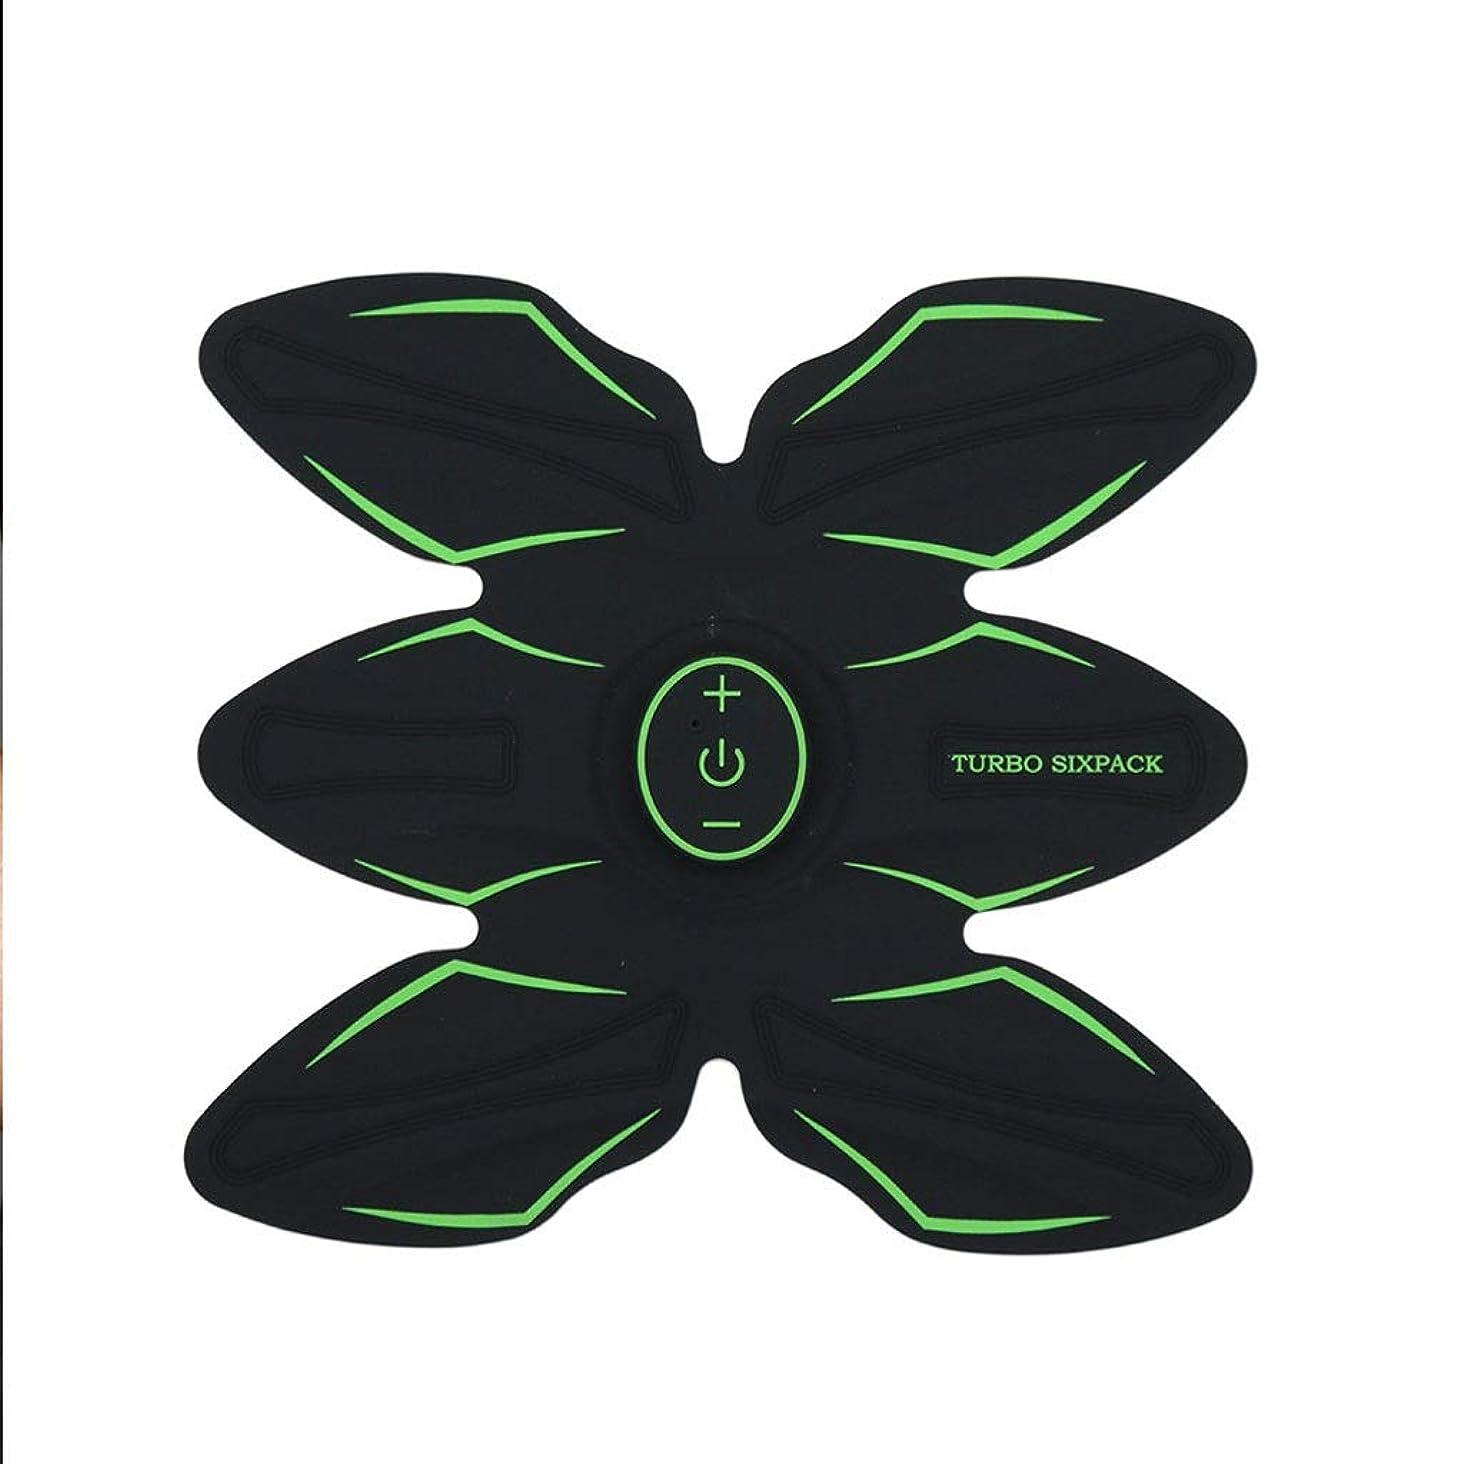 カーフバイナリ助言するABSトレーナーEMS腹部電気筋肉刺激装置筋肉トナー調色ベルトフィットネスギアABSエクササイズマシンウエストトレーナーホームワークアウトフィットネス機器